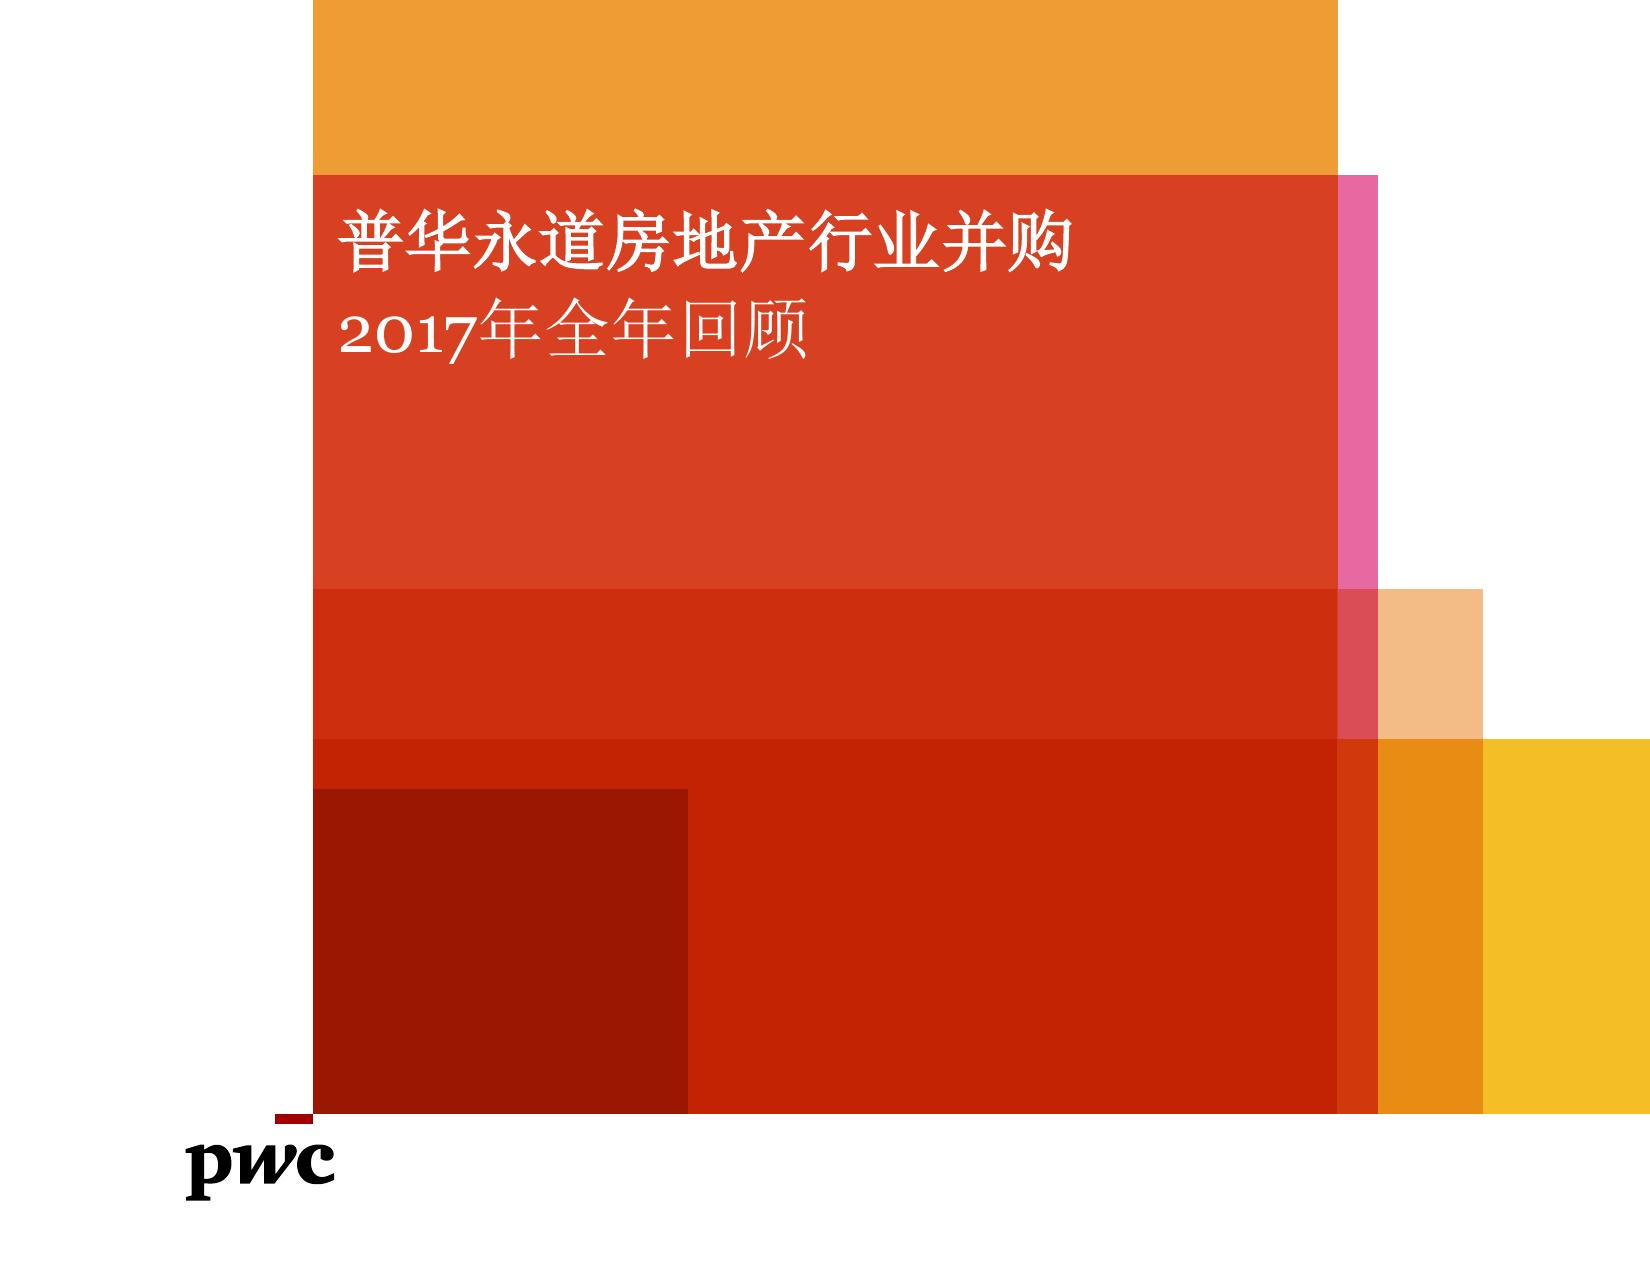 普华永道:2017年全年房地产行业并购回顾(附下载)